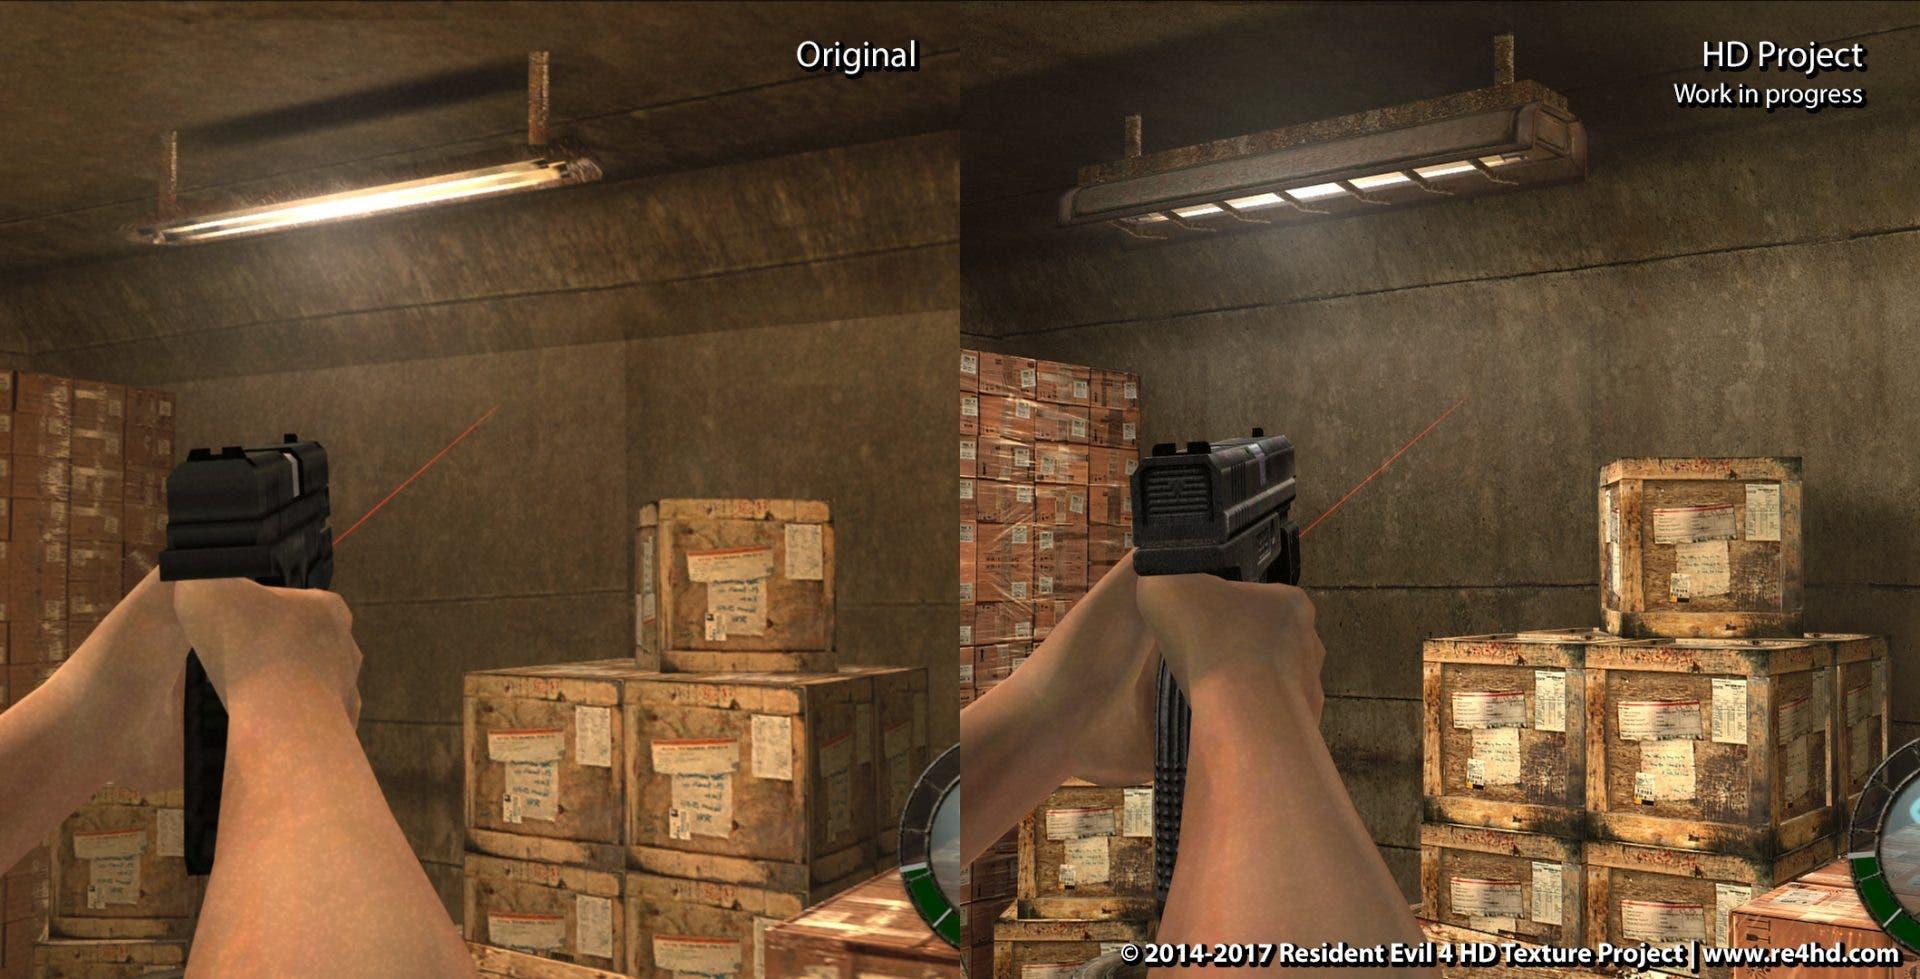 Así se ve la remasterización en HD de Resident Evil 4 creada